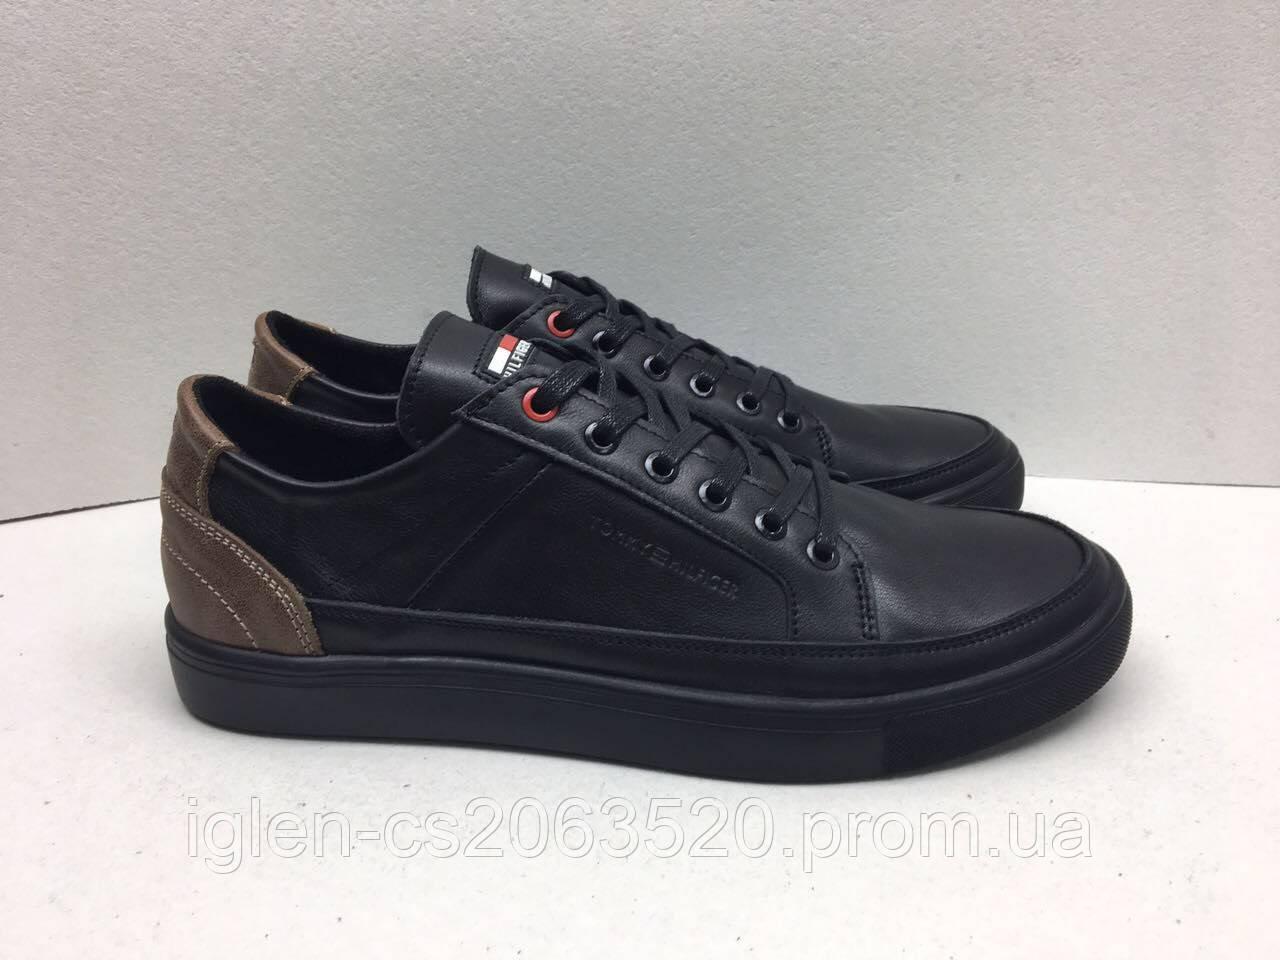 Мужские кожаные кроссовки Tommy Hilfiger черно-карамельный -  Интернет-магазин мужской обуви оптом